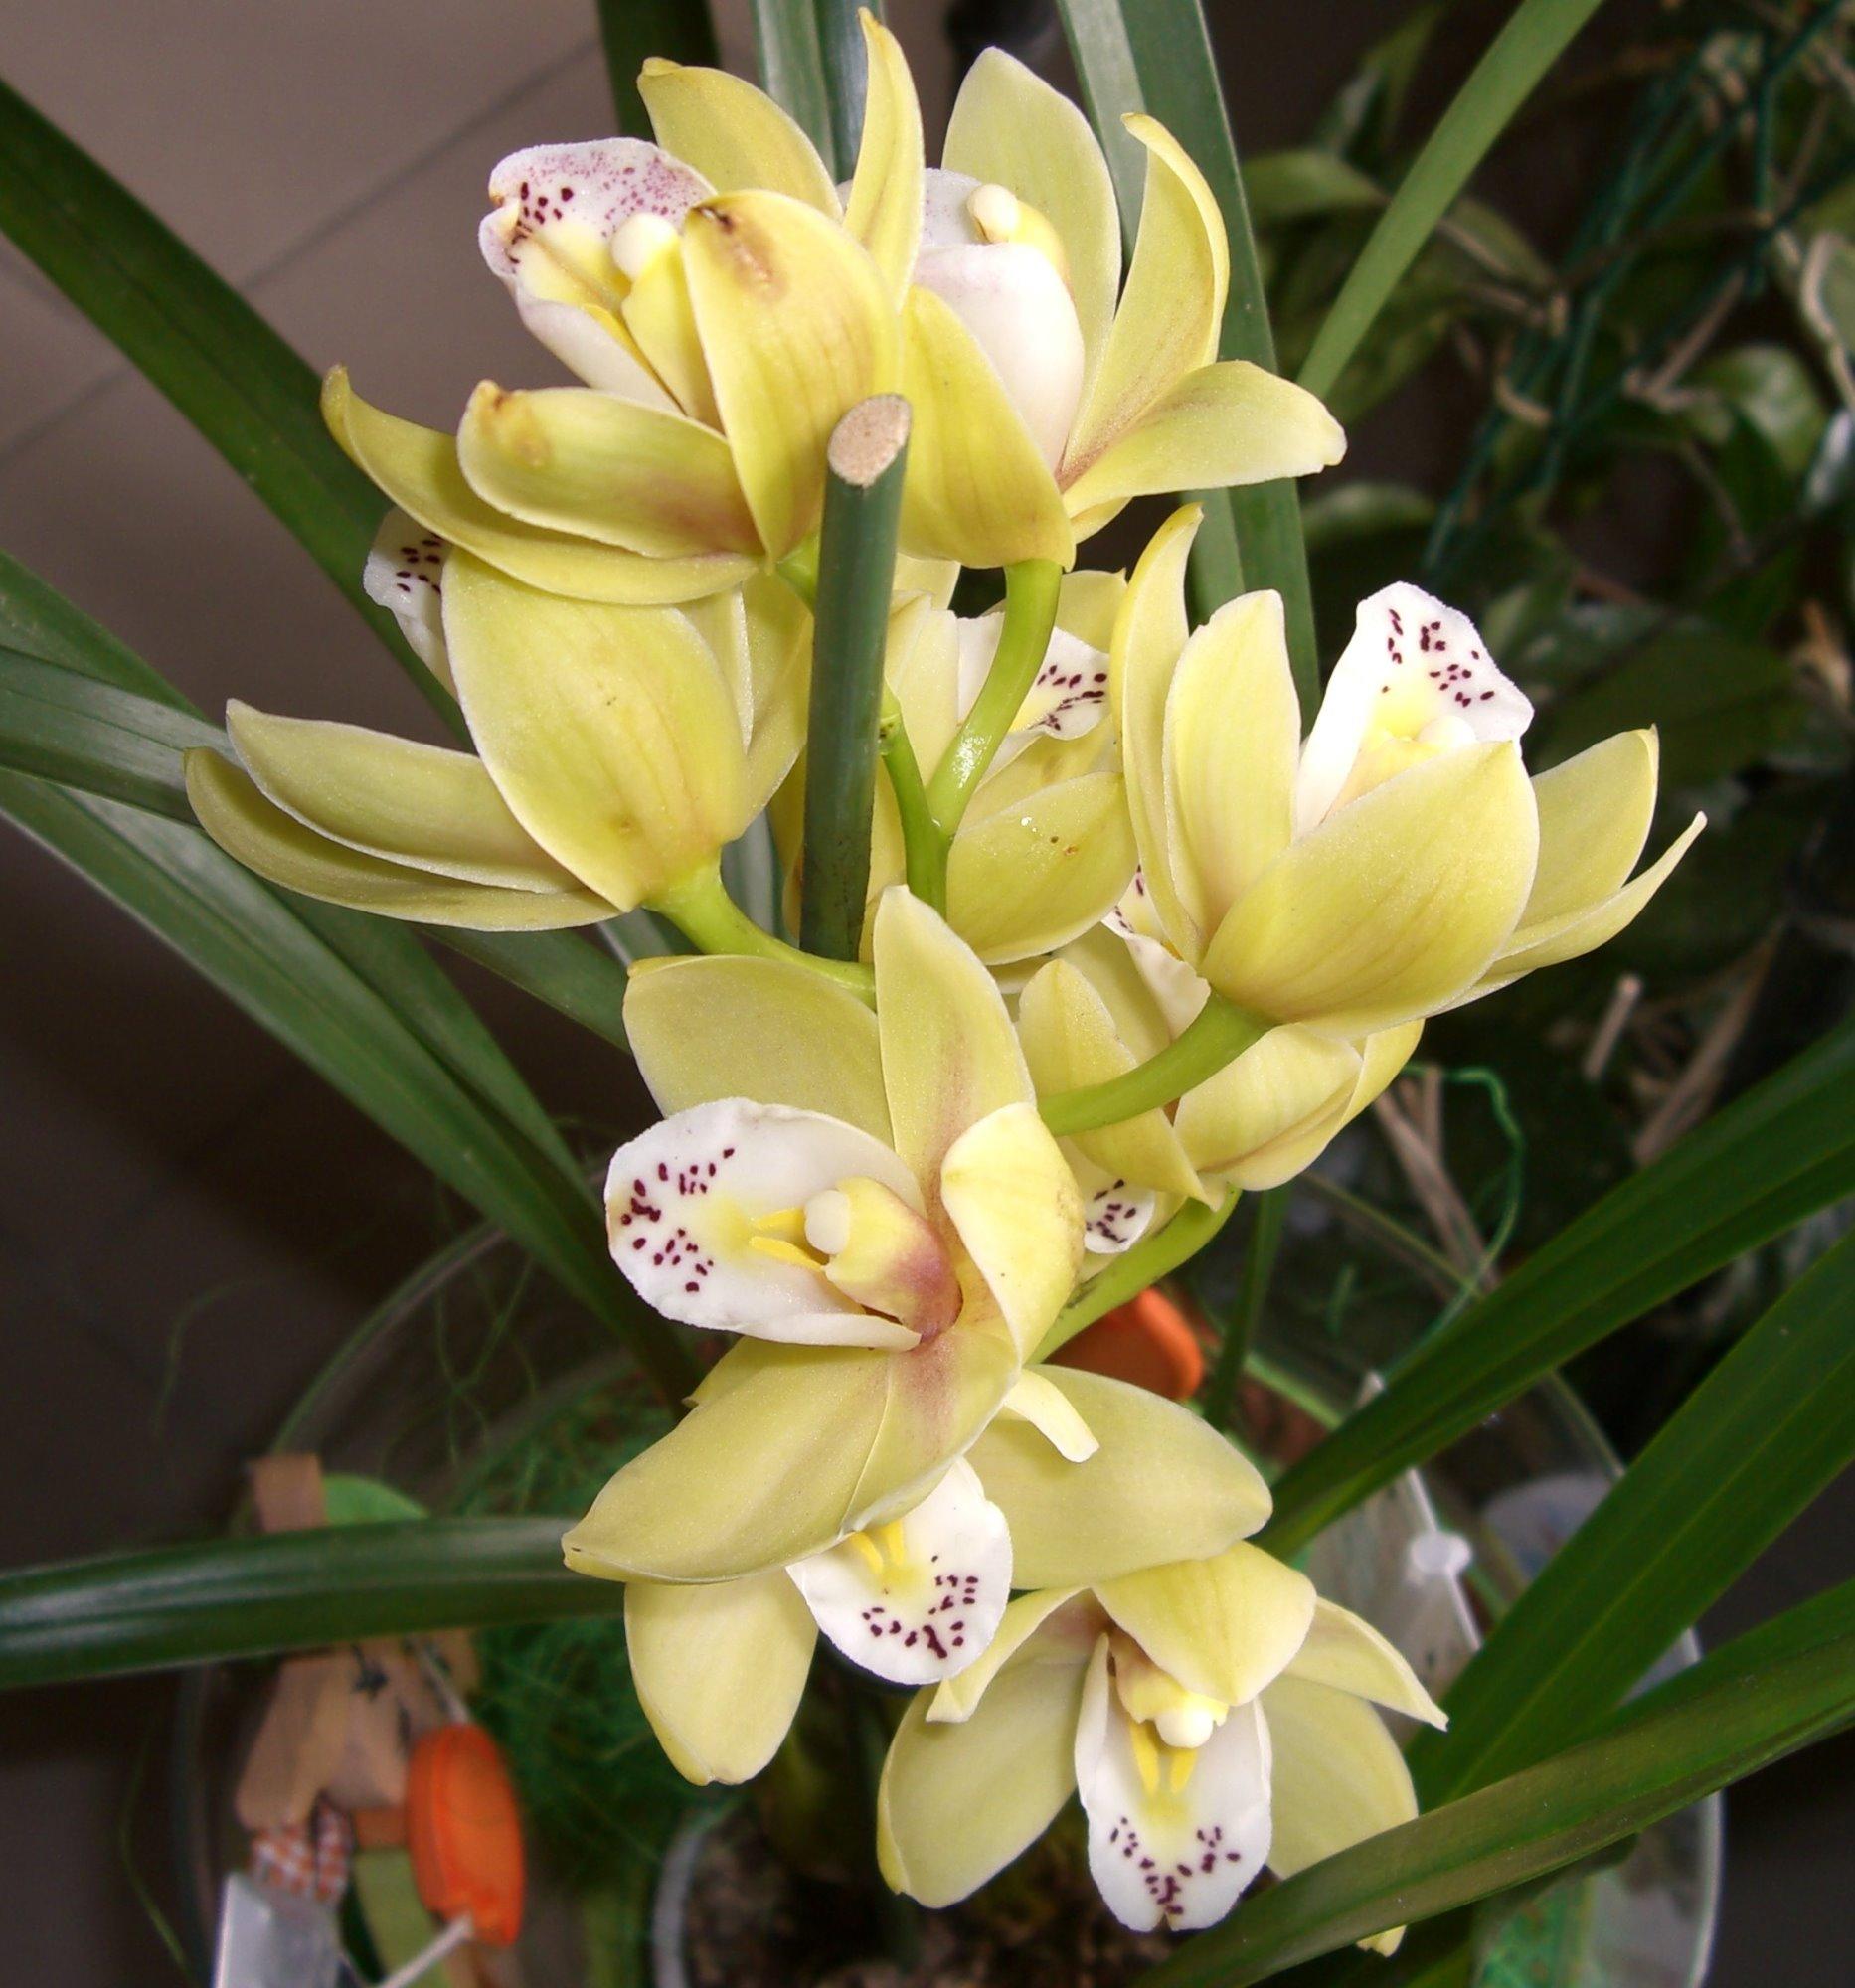 orchideenfotos treffpunkt stammtisch green24 hilfe pflege bilder. Black Bedroom Furniture Sets. Home Design Ideas